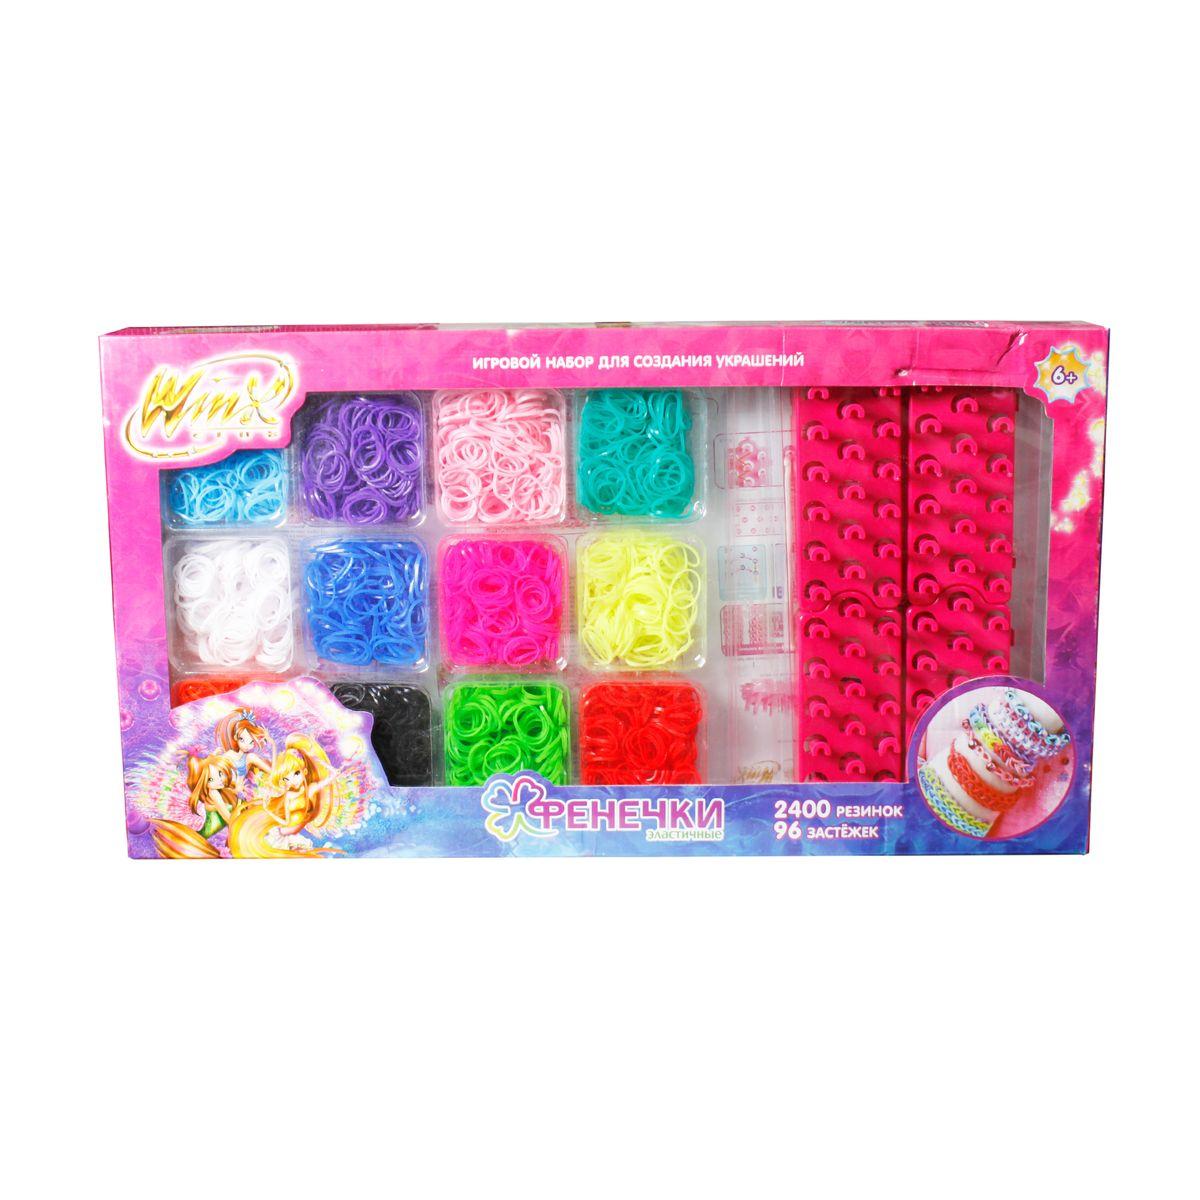 1TOY Набор для плетения Набор фенечек из 12 цветов с аксессуарами WinxТ58334Набор Фенечек: 12 цветов, 2400 резинок, 96 застёжек,2 крючка,4 станка для плетения, в коробке, 1toy Winx